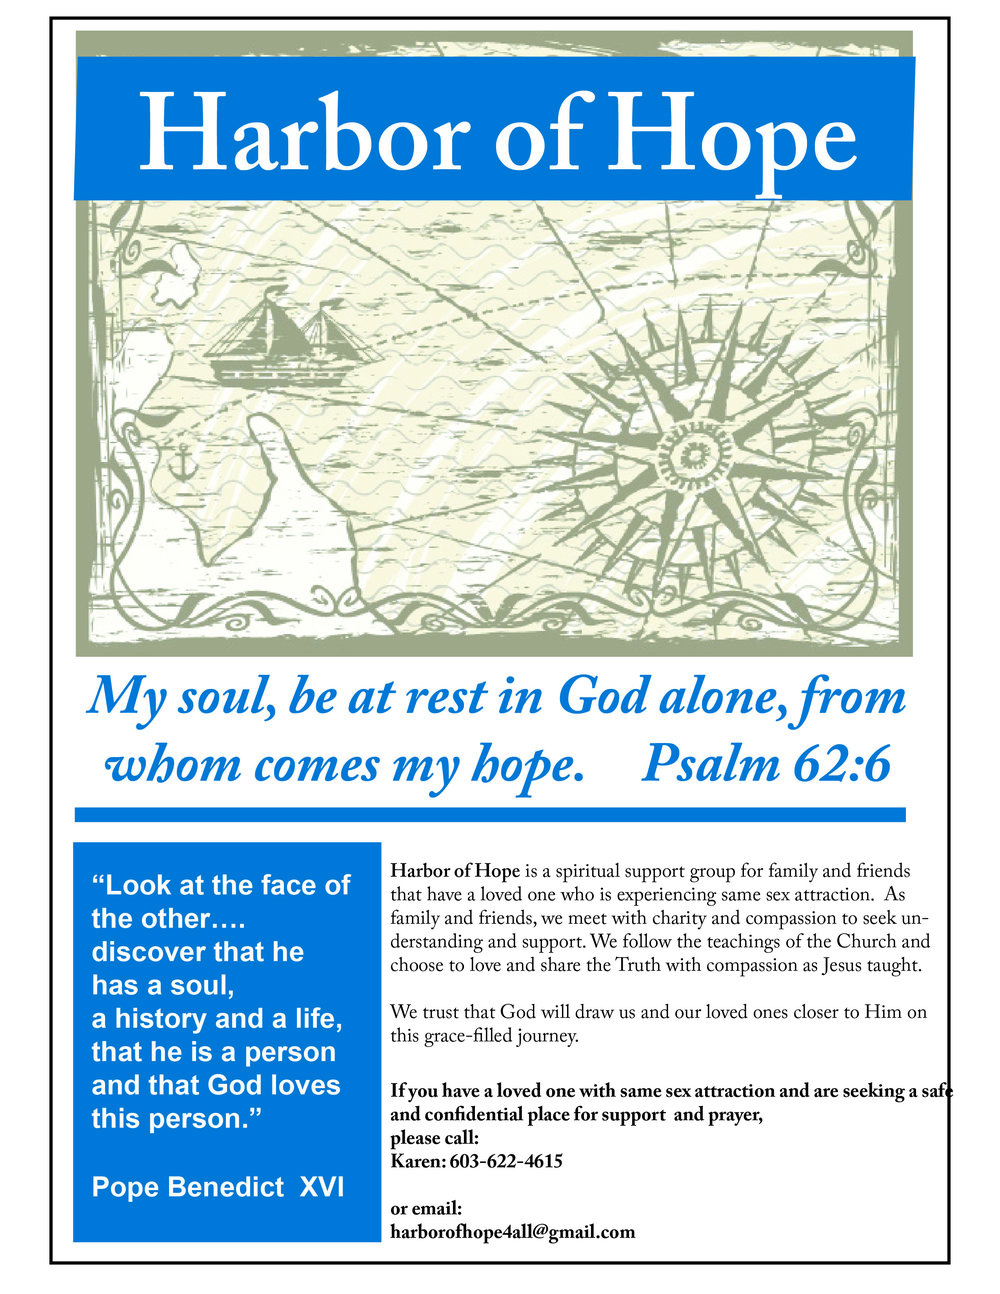 Harbor of Hope flyer (2).jpg